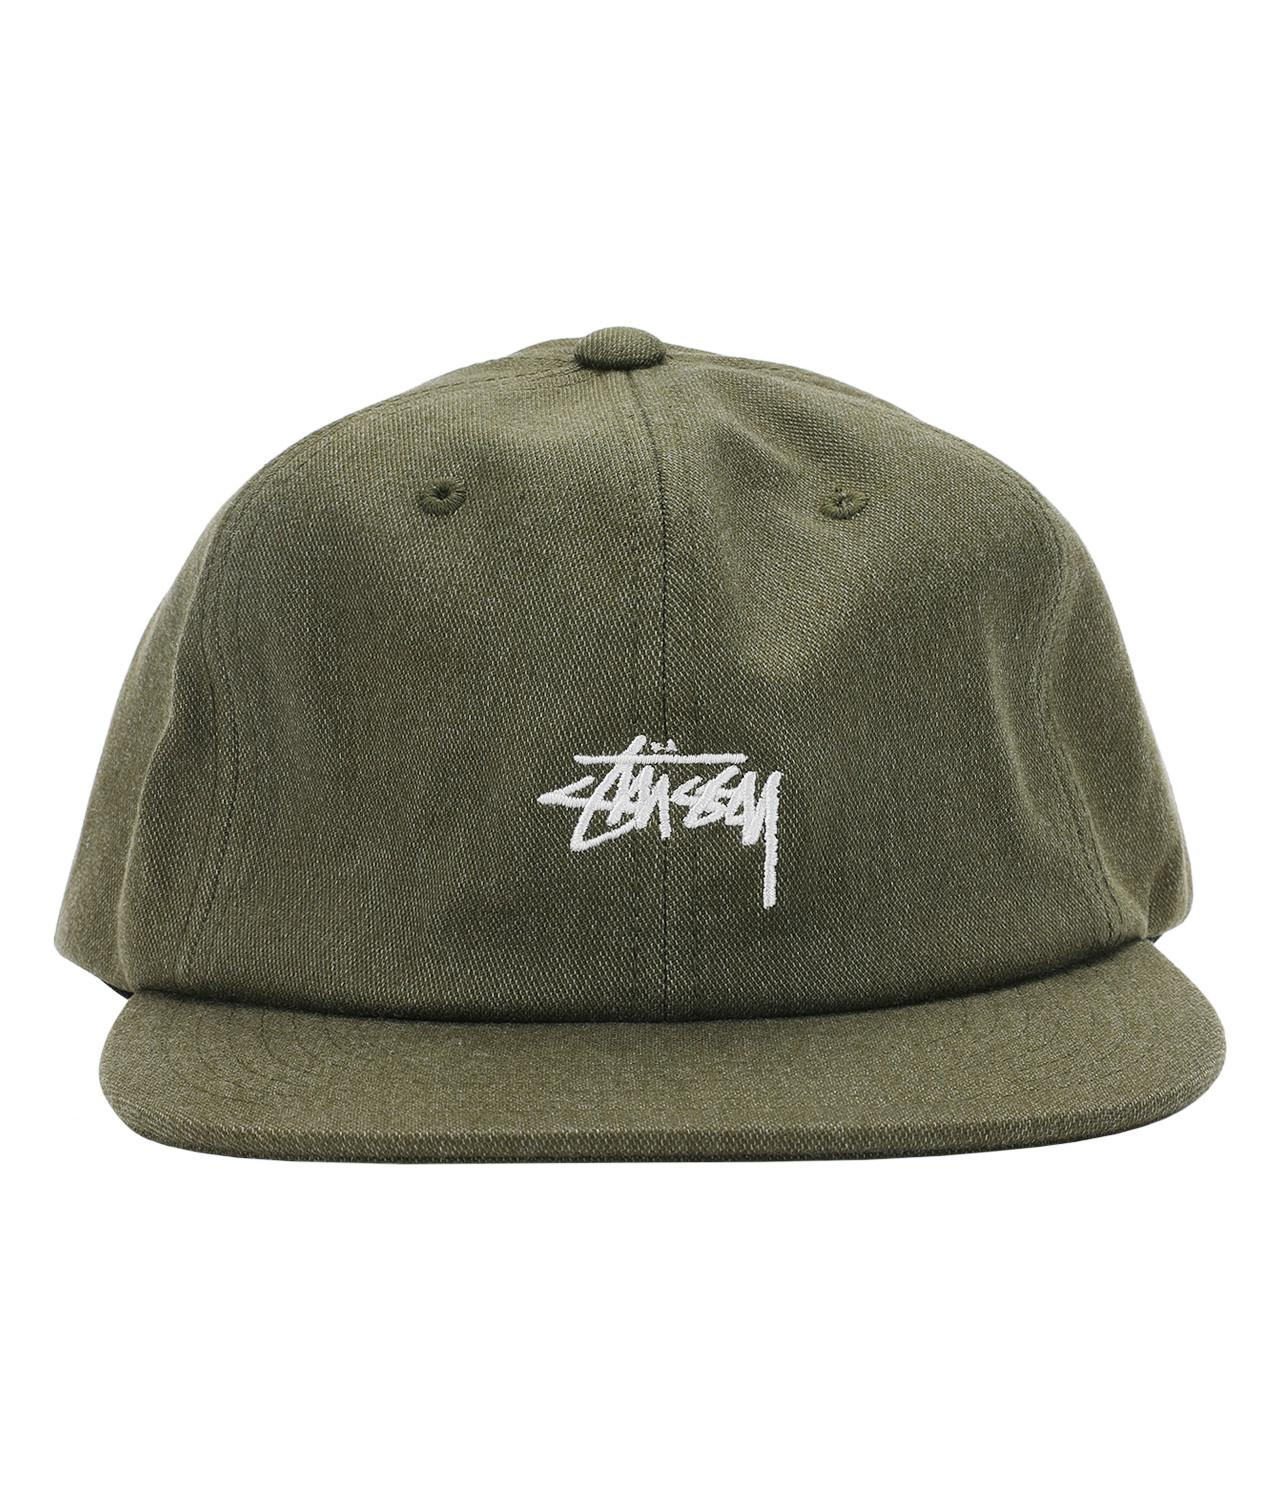 bbe8adfbd1d0d Lyst - Stussy Melange Denim Strapback Cap in Green for Men